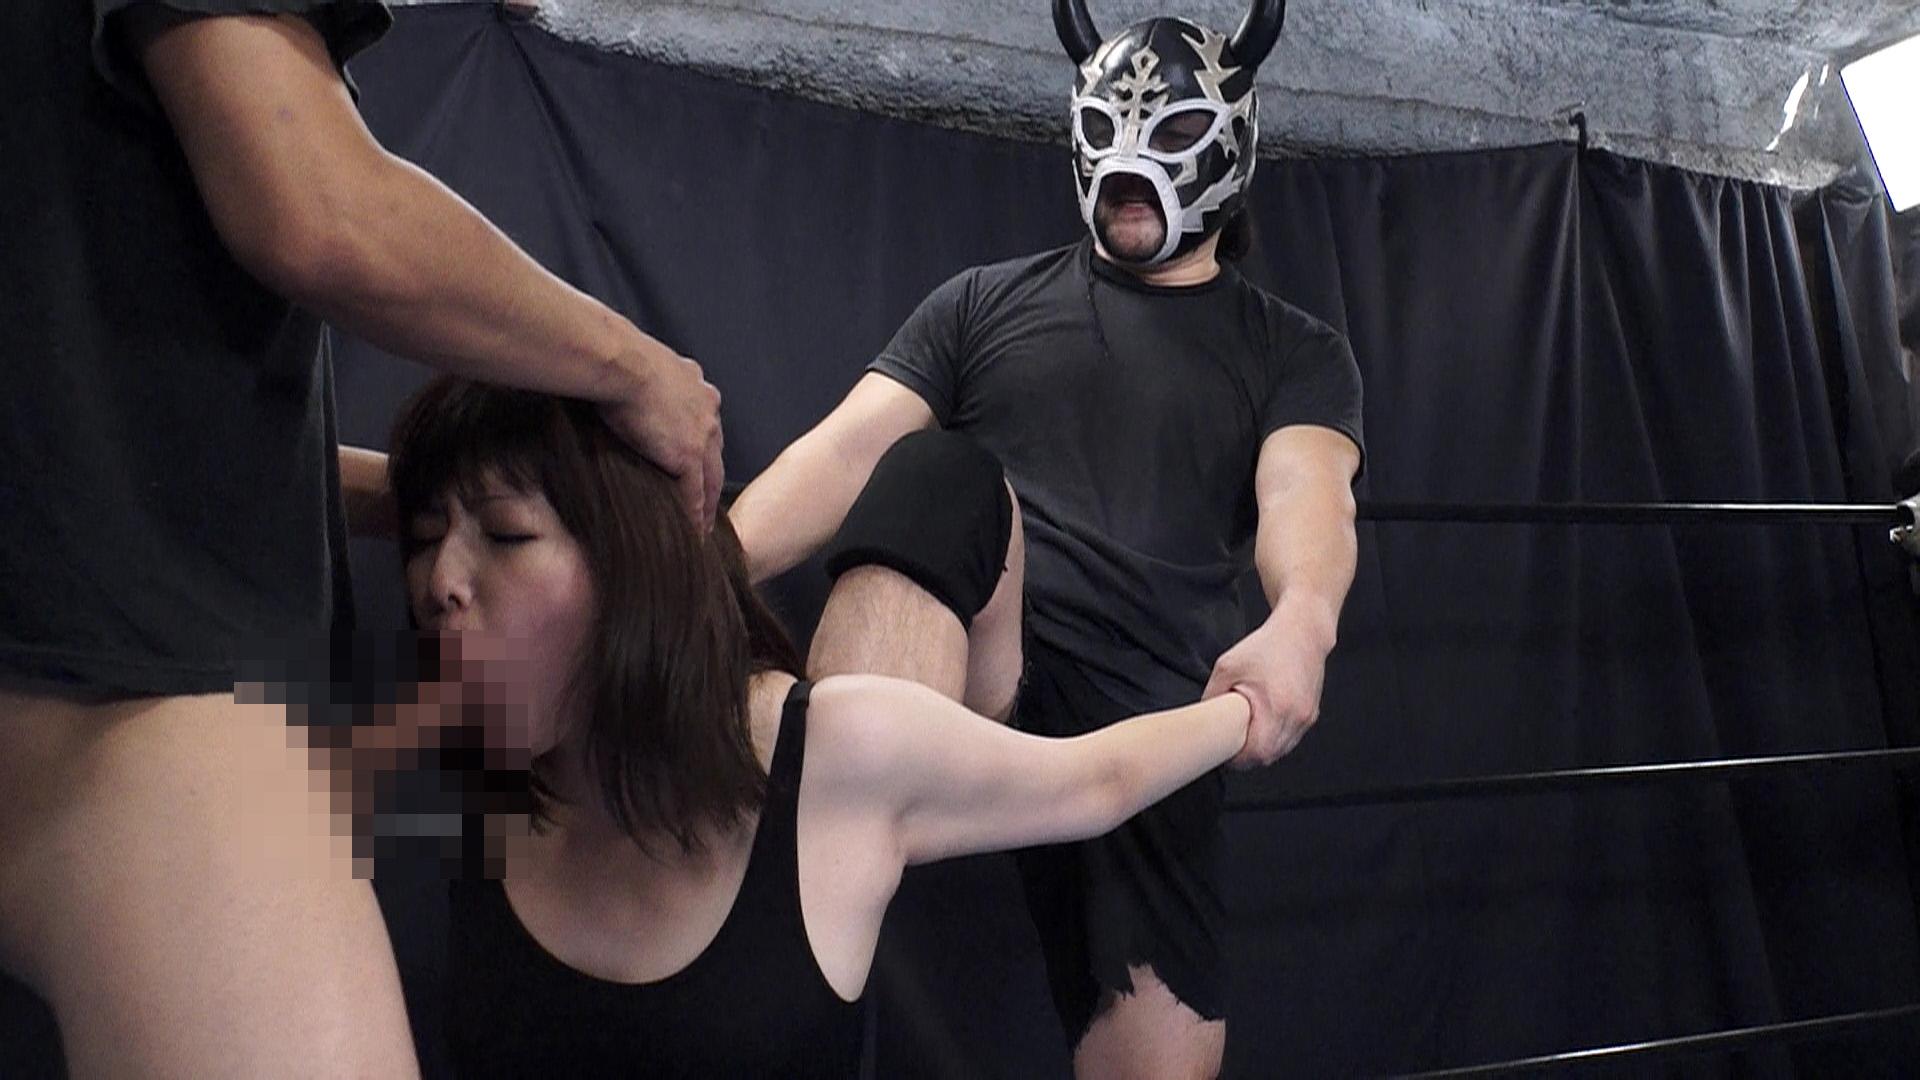 鈴木愛が煩悩寺に挑戦! サンプル画像10